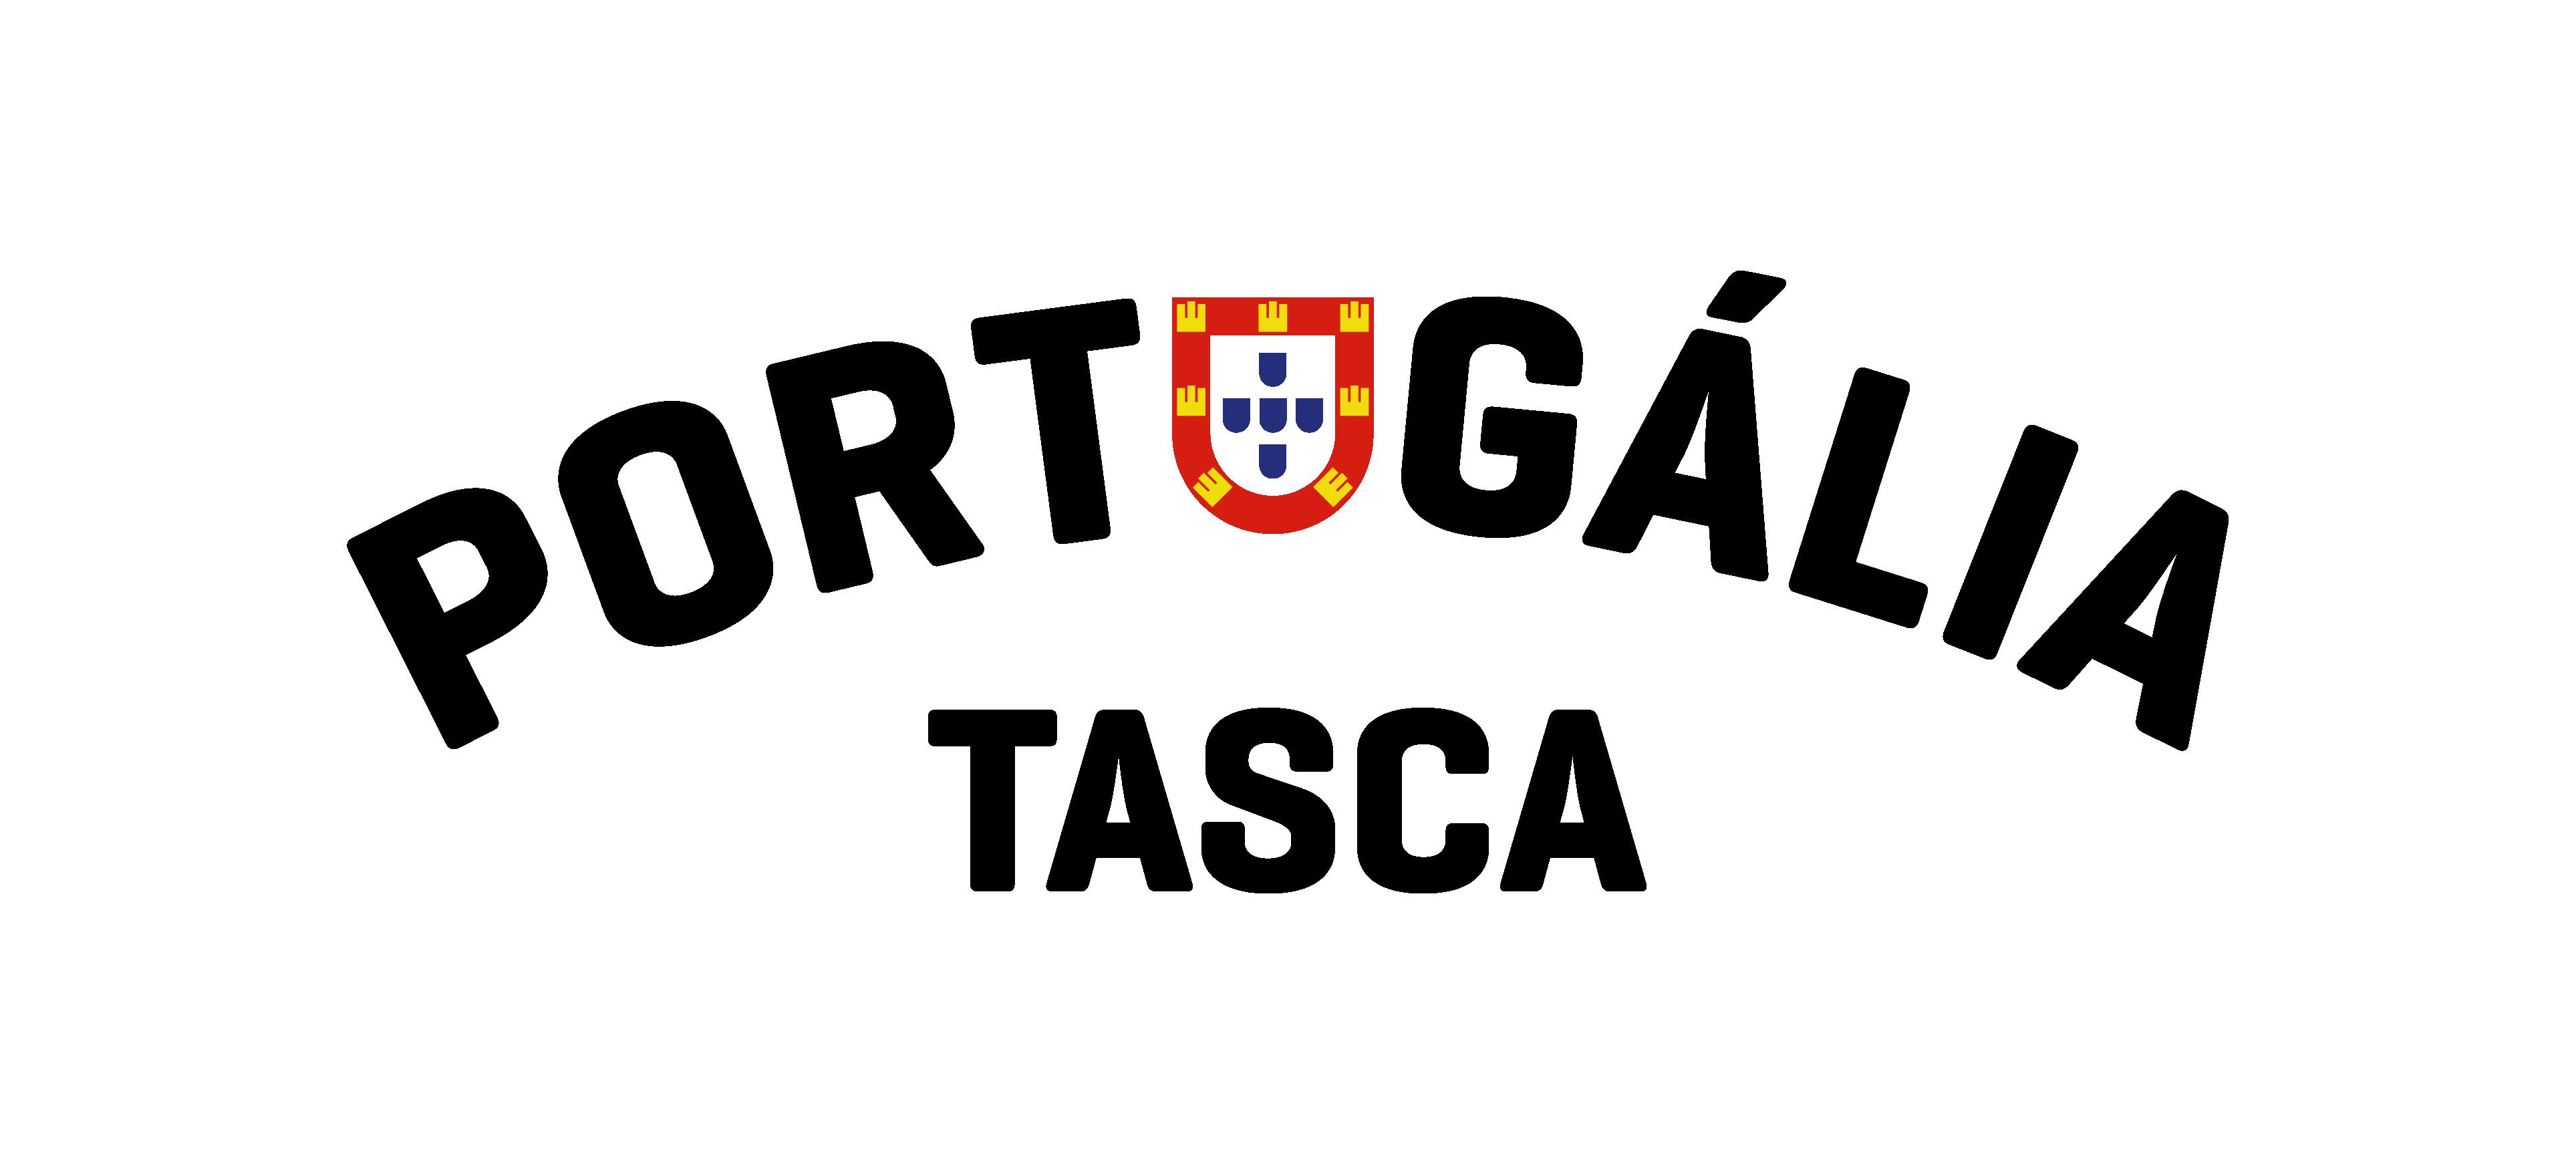 Portugália Tasca